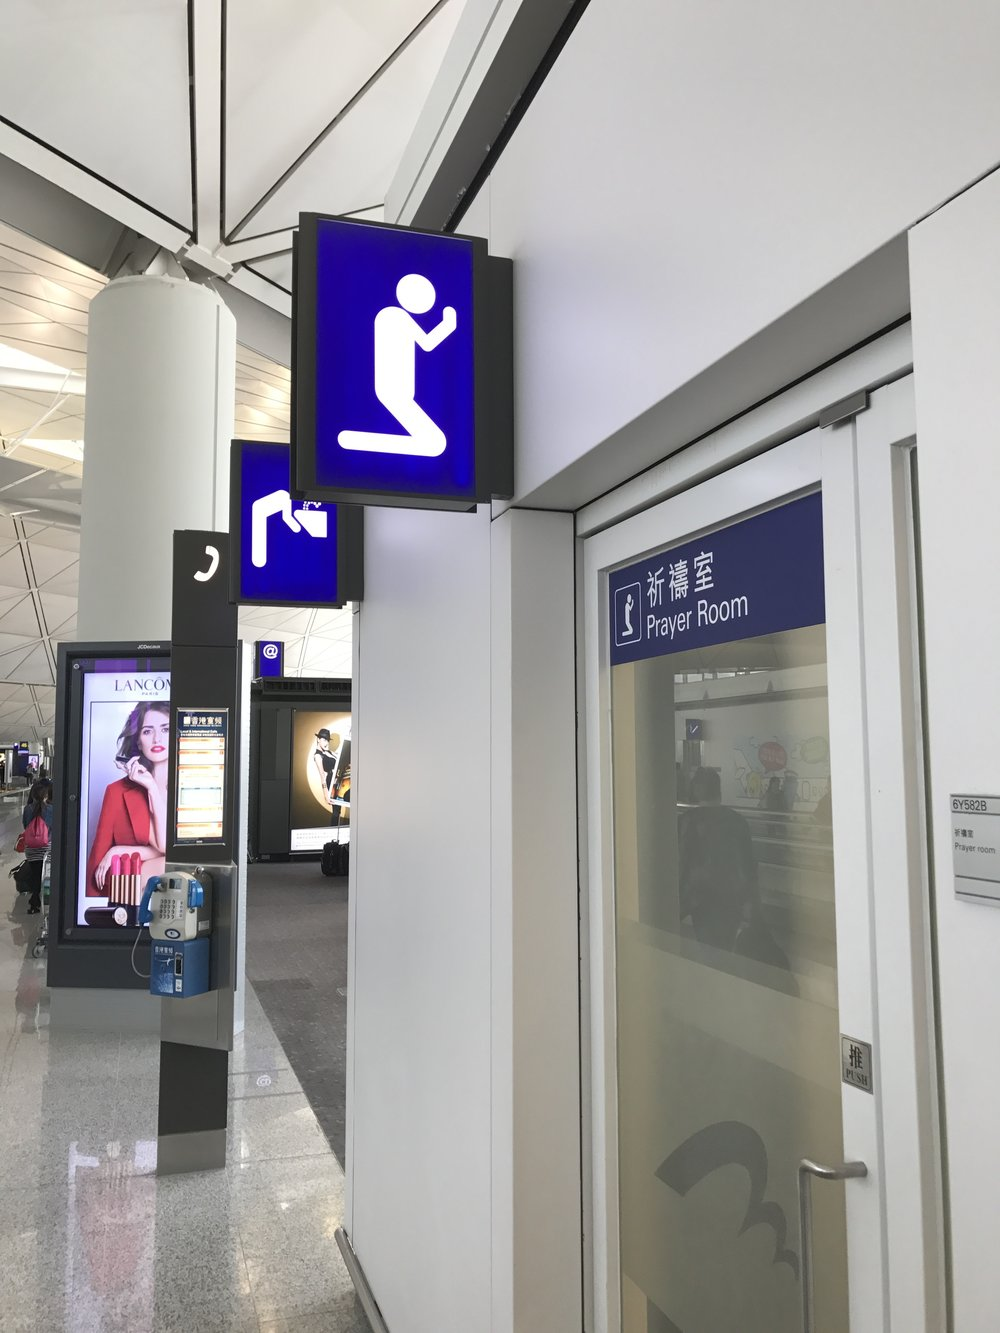 Honkkarin terminaalissa naisten vessan merkin jälkeen tuli tämä... miesten vessa jossa harjoitellaan norjaa? No - lisätekstit selvensivät asiaa.